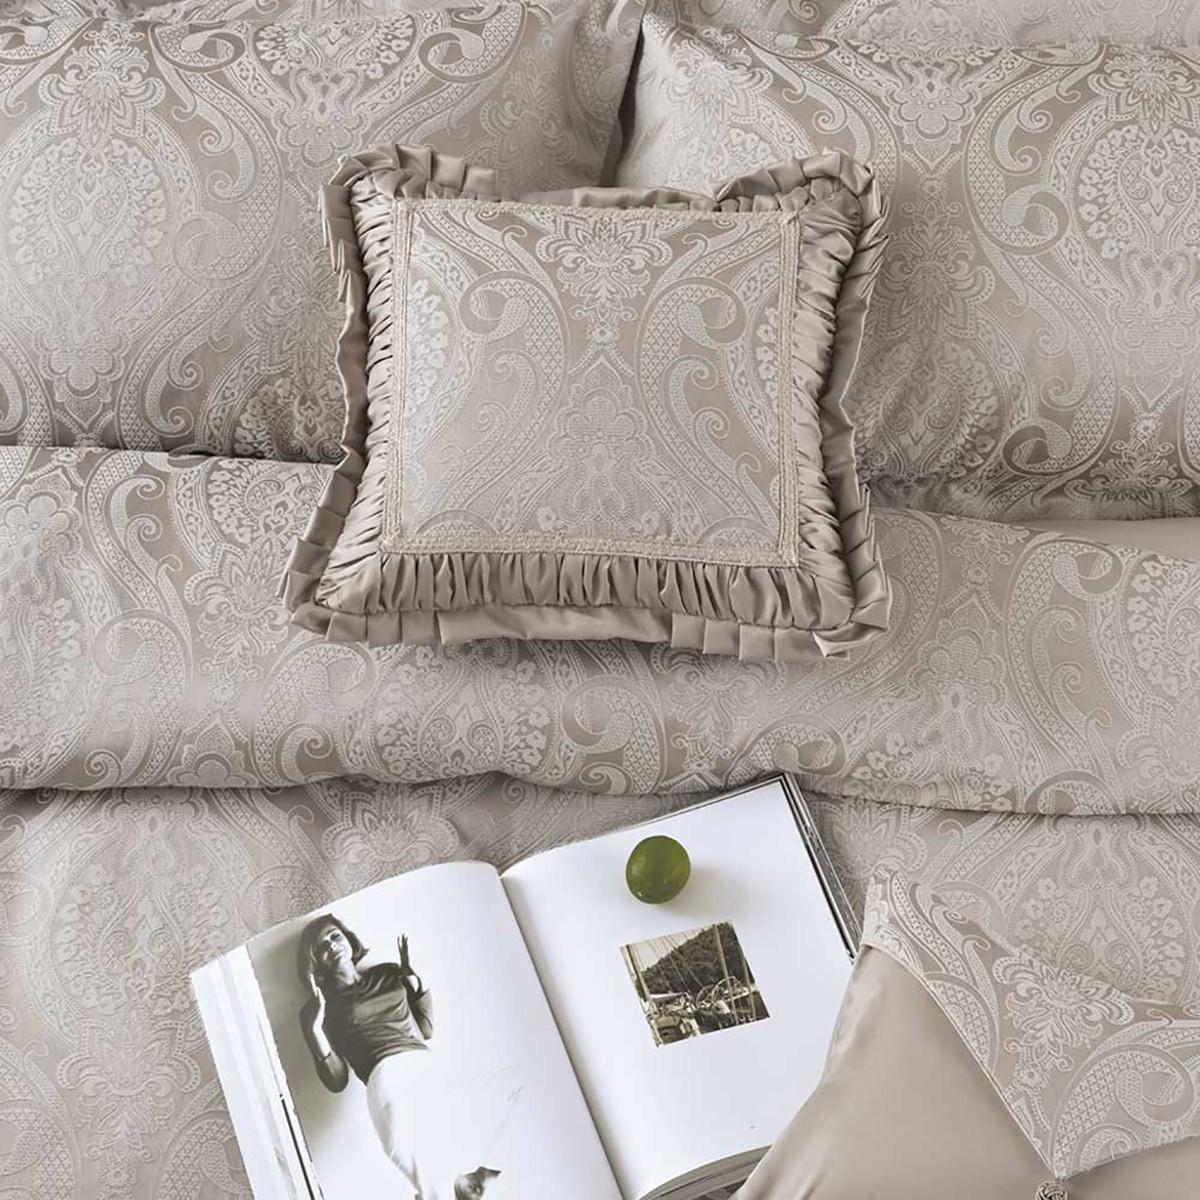 Διακοσμητική Μαξιλαροθήκη Φάκελος Kentia Serenity Arya 26 home   κρεβατοκάμαρα   διακοσμητικά μαξιλάρια